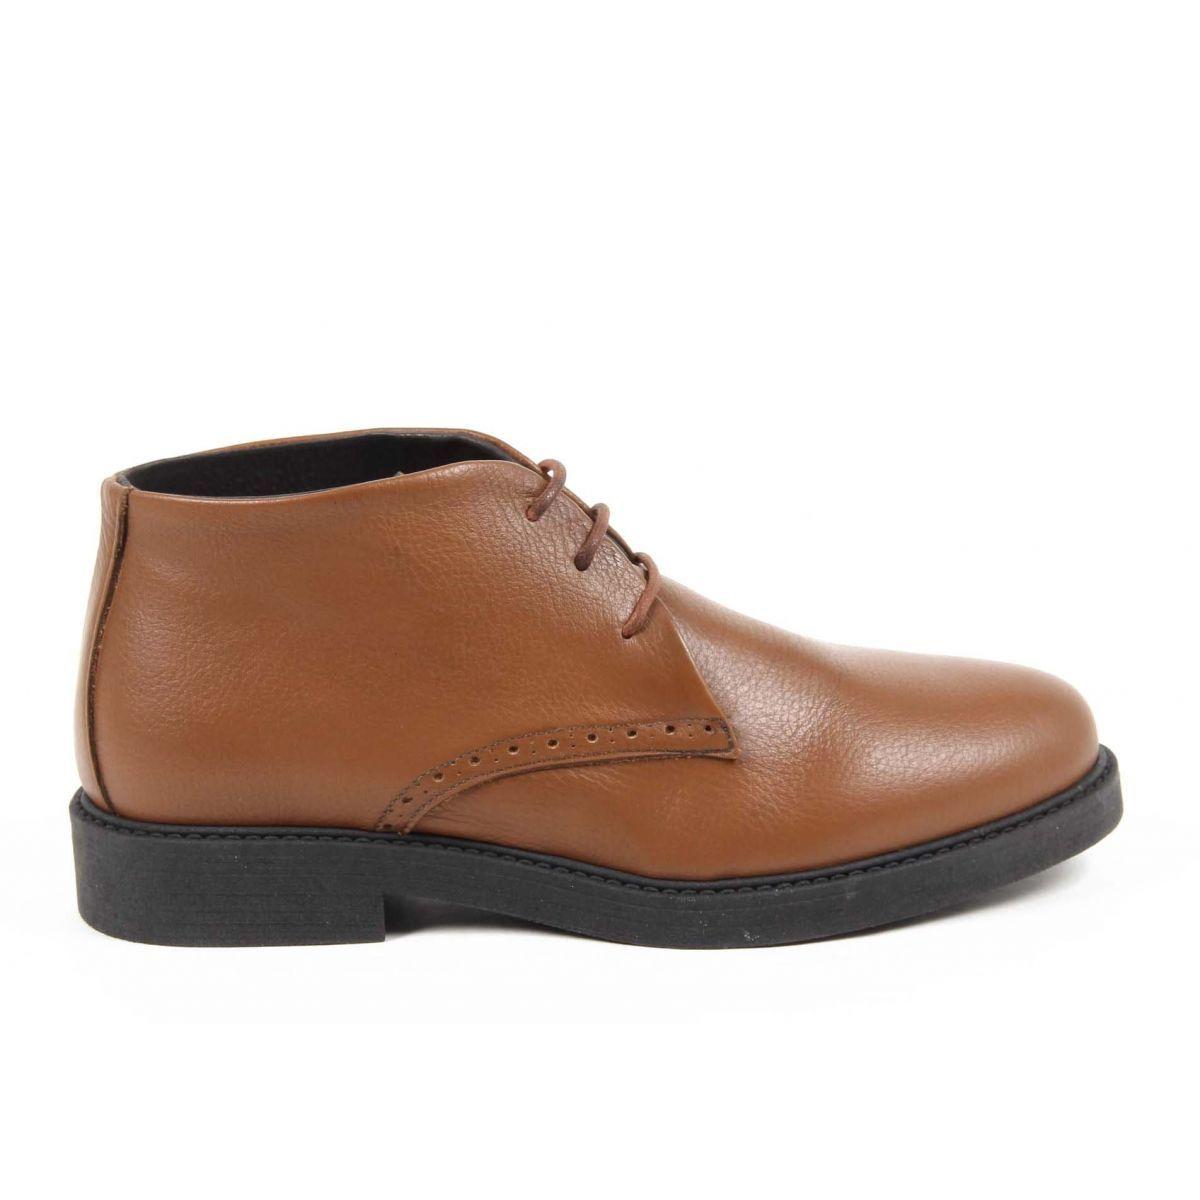 Versace 19.69 Abbigliamento Sportivo Srl Milano Italia Mens Ankle Boot V5156 VITELLO CRUST CUOIO